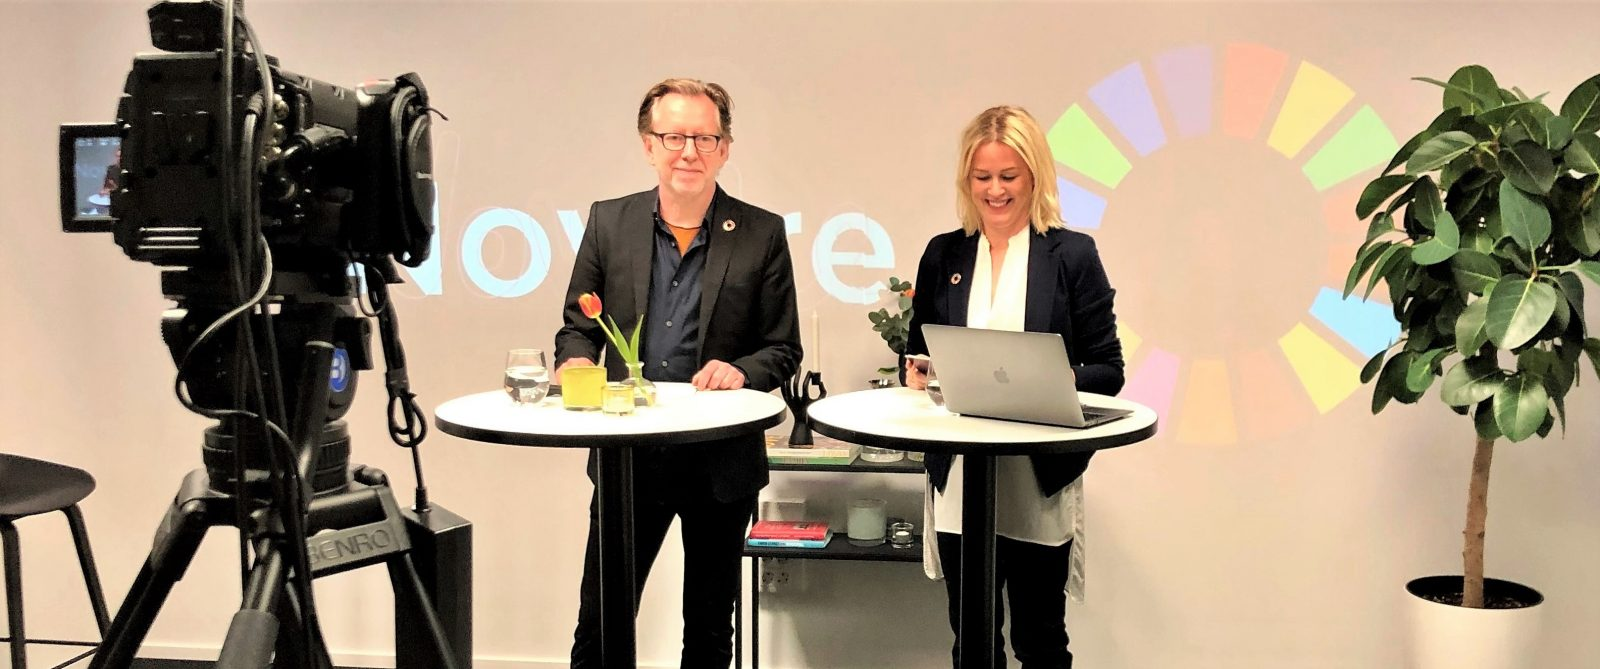 kommunikation förändring hållbarhet webinar Novare